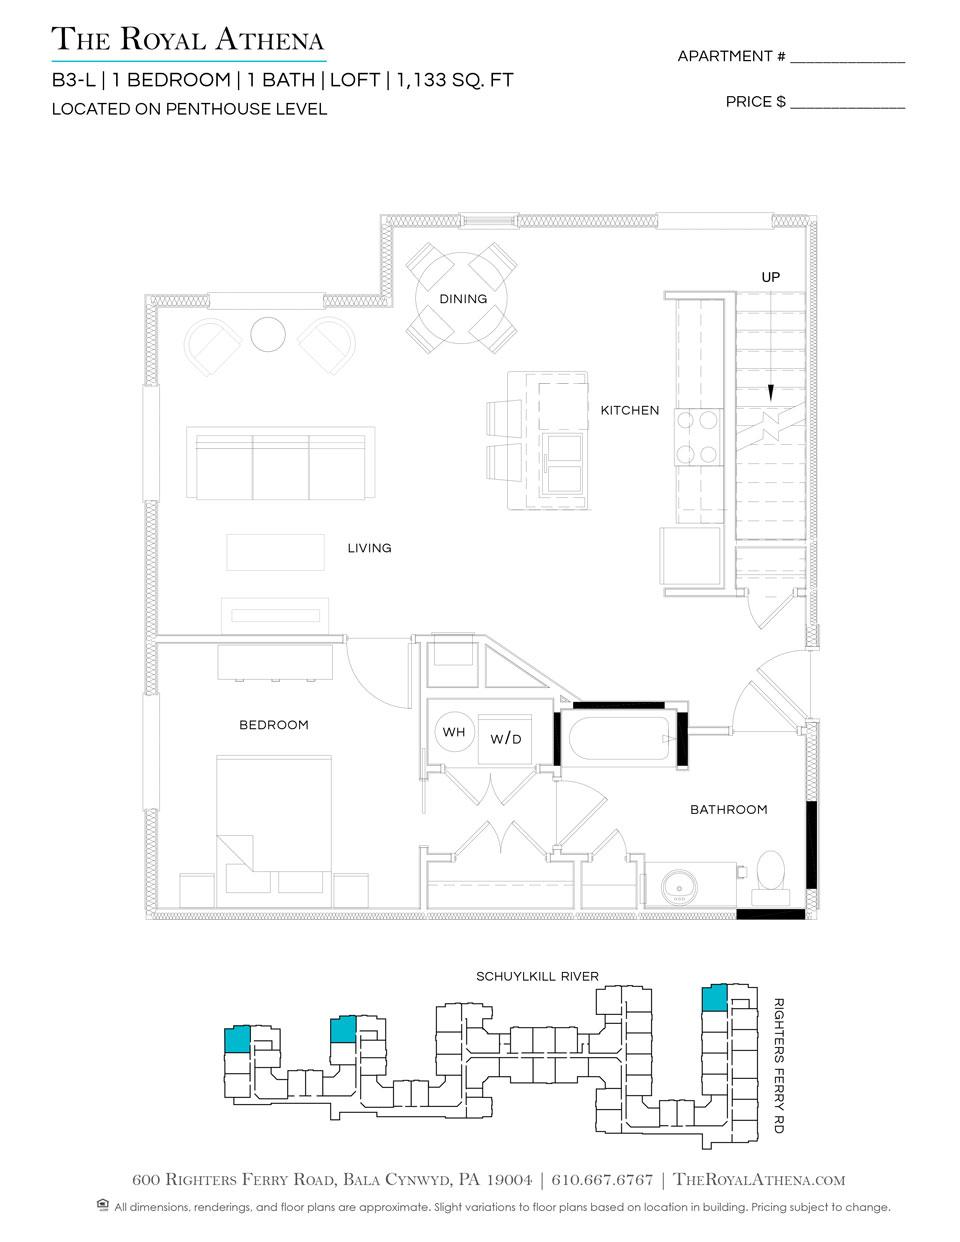 P0659218 b3 l 1 2 floorplan